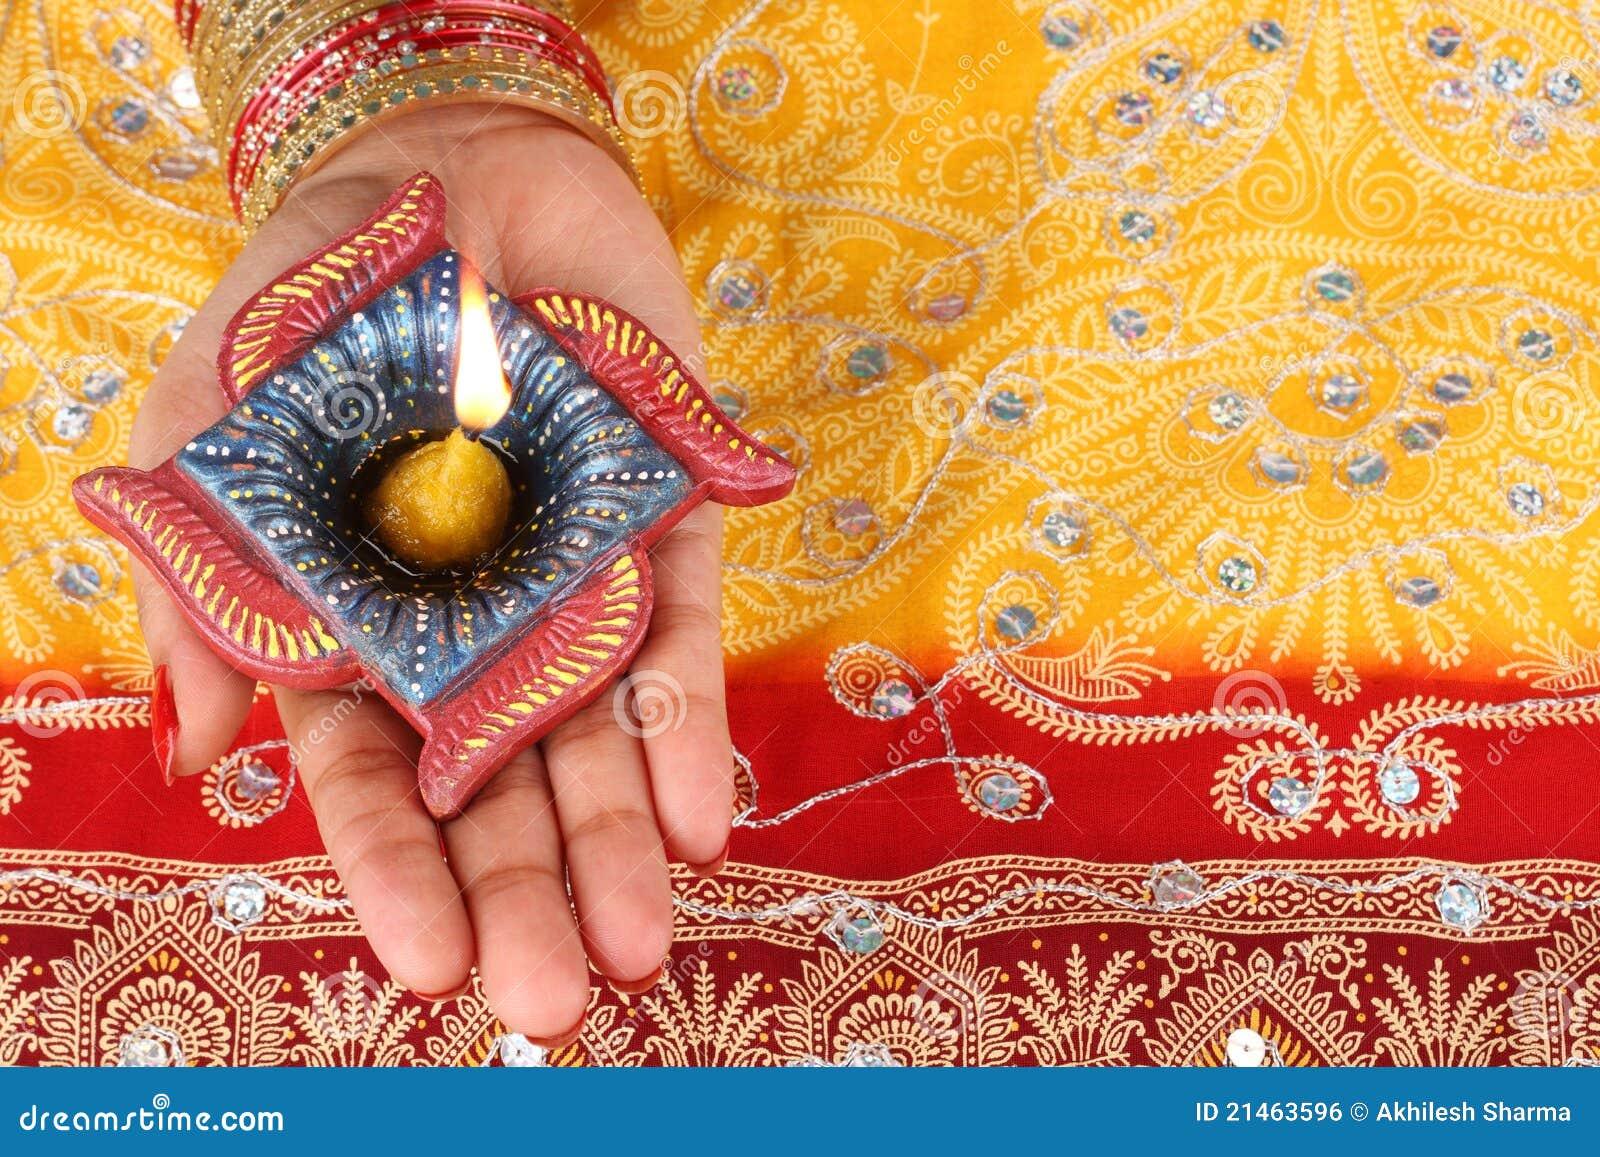 Handmade Diwali Diya Lamp